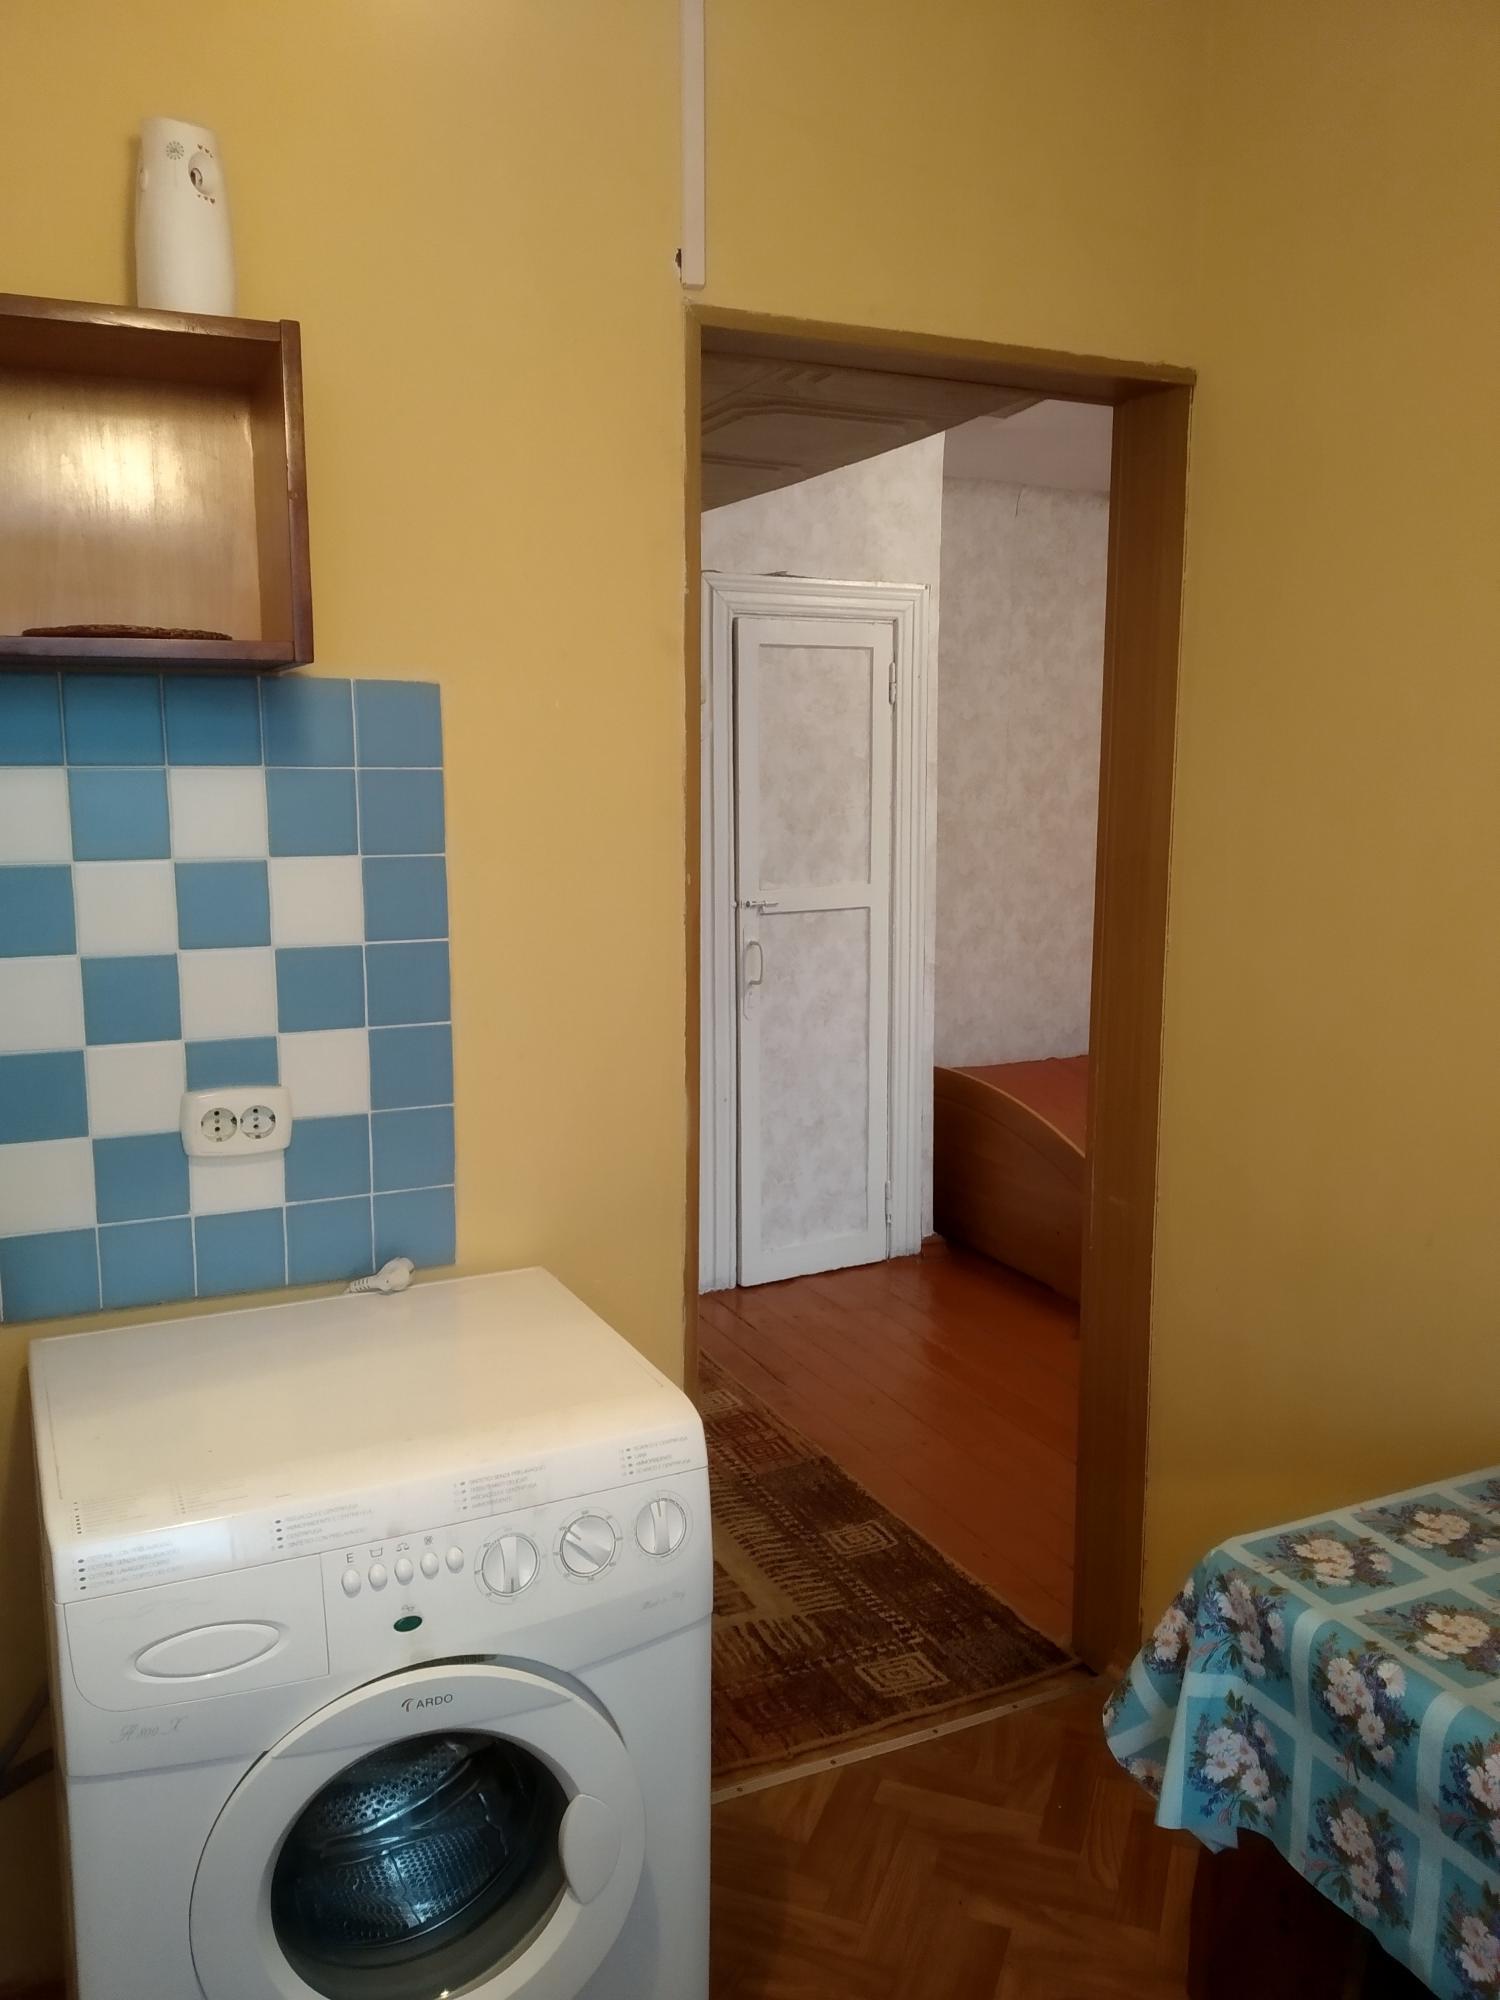 1к квартира проспект Мира, 111 | 13500 | аренда в Красноярске фото 4